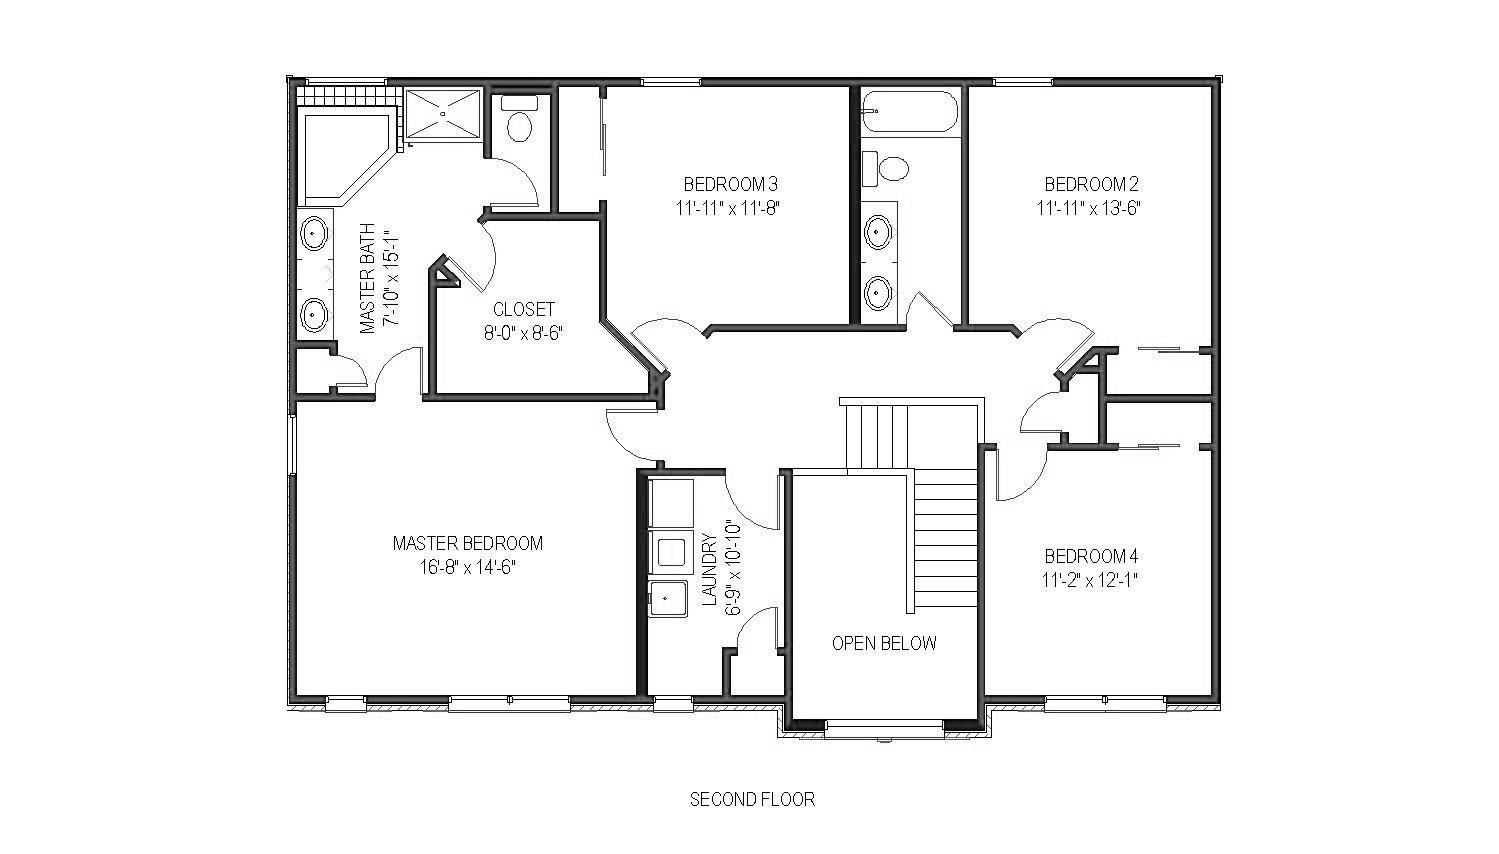 Brentwood Second Floor